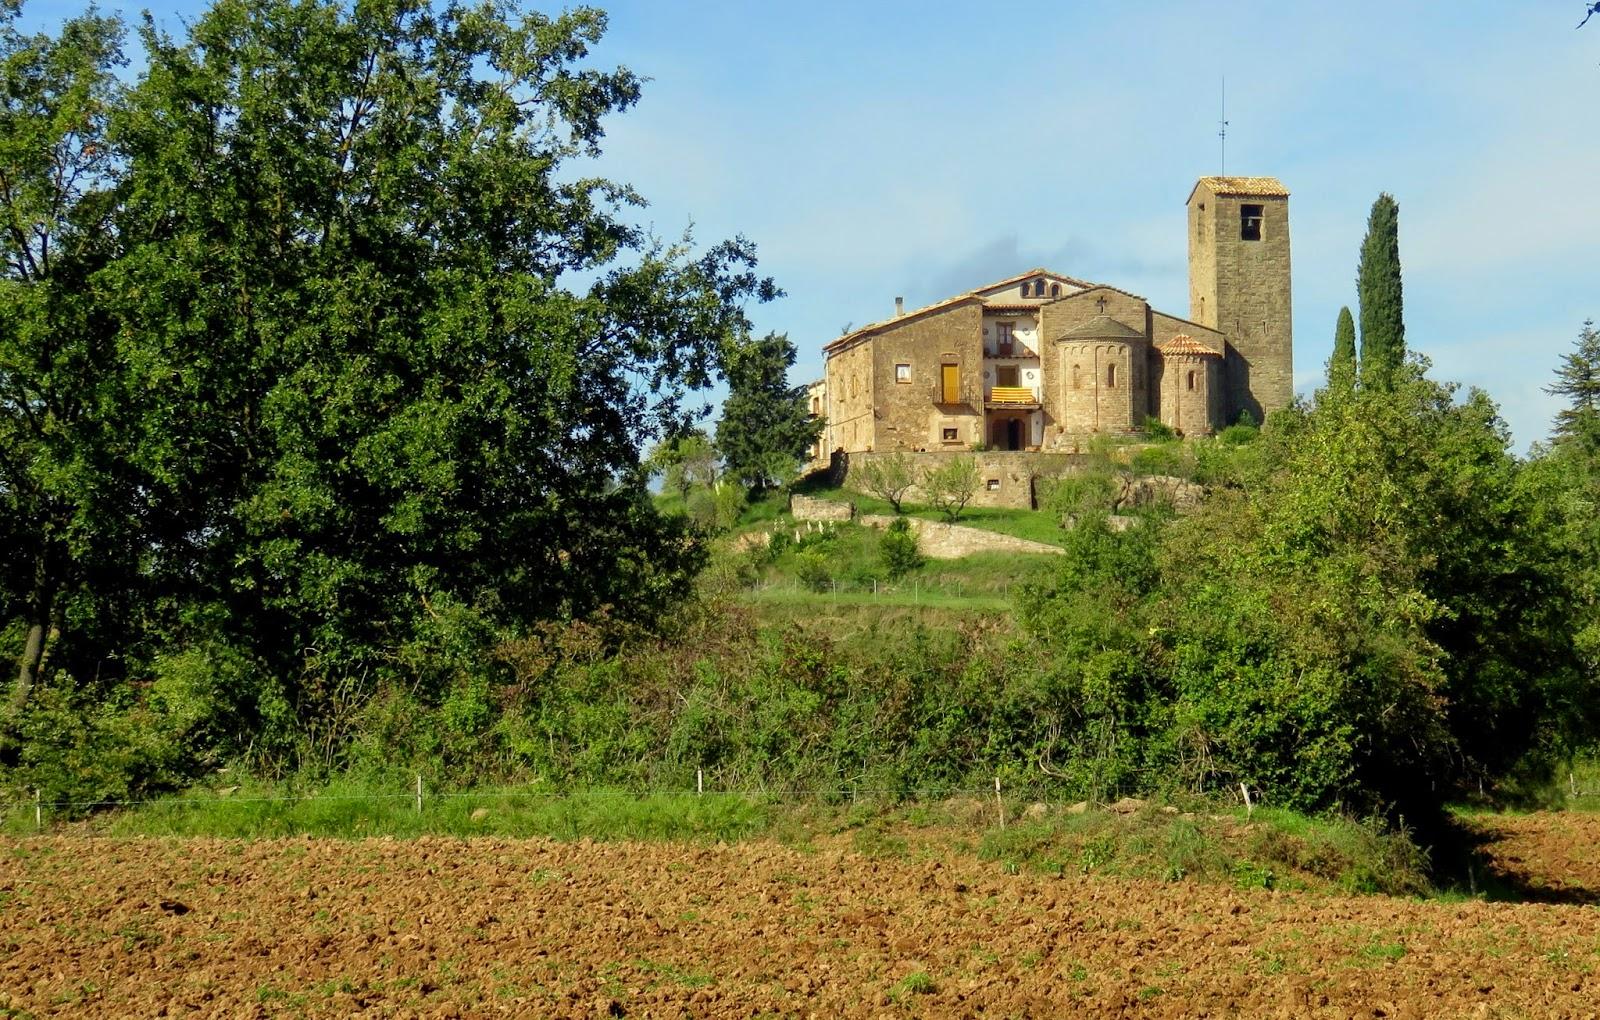 L'ESTANY - SANT FELIUET DE TERRASSOLA